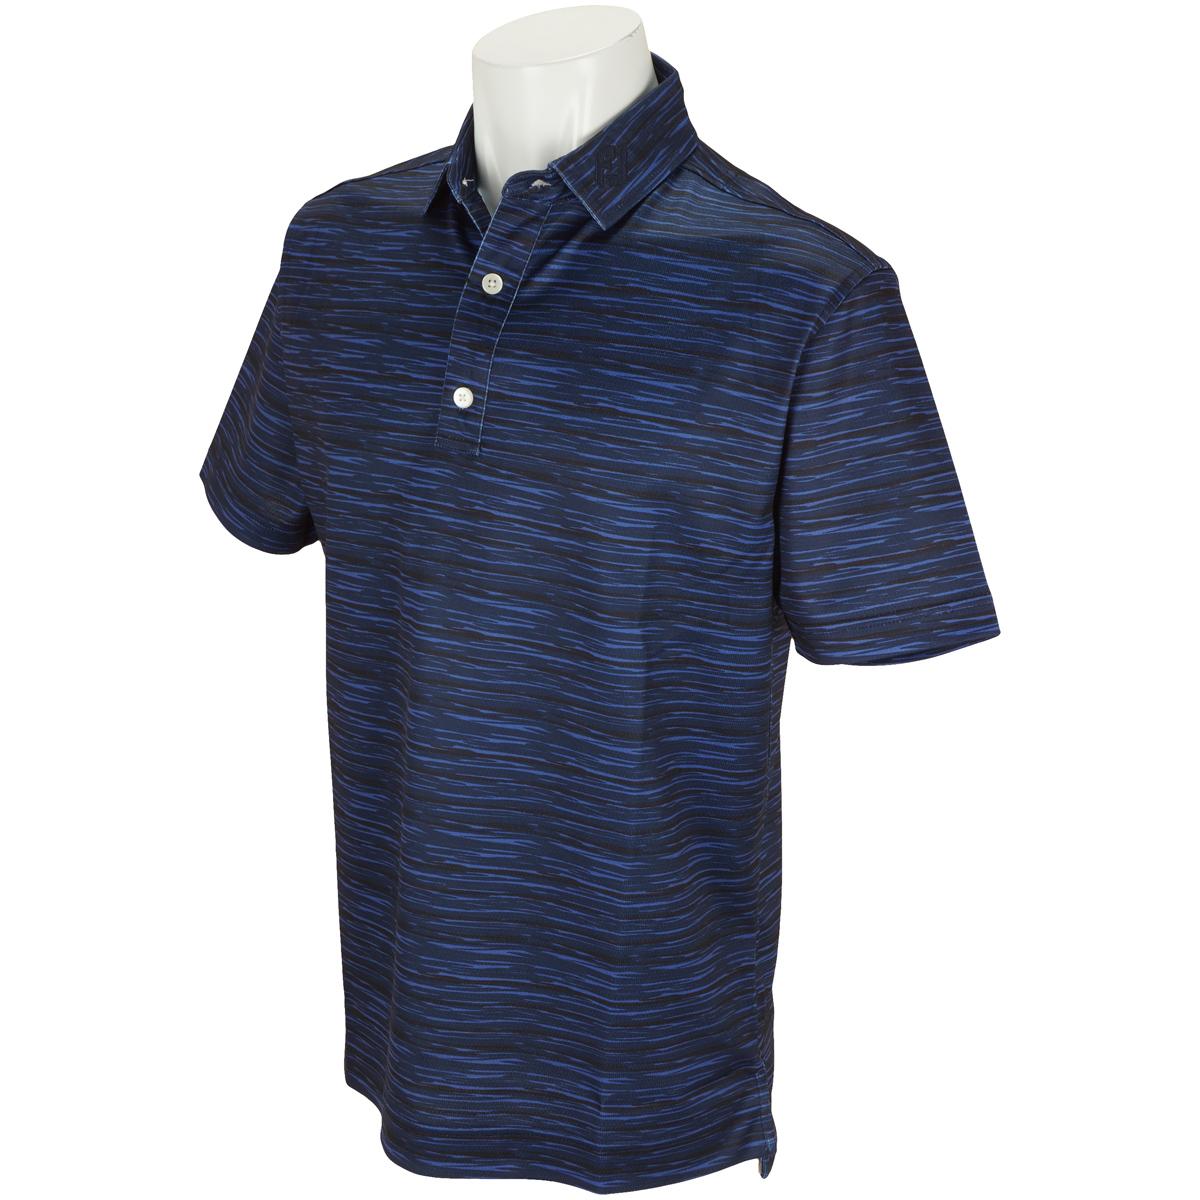 グラフィックメッシュ半袖ポロシャツ